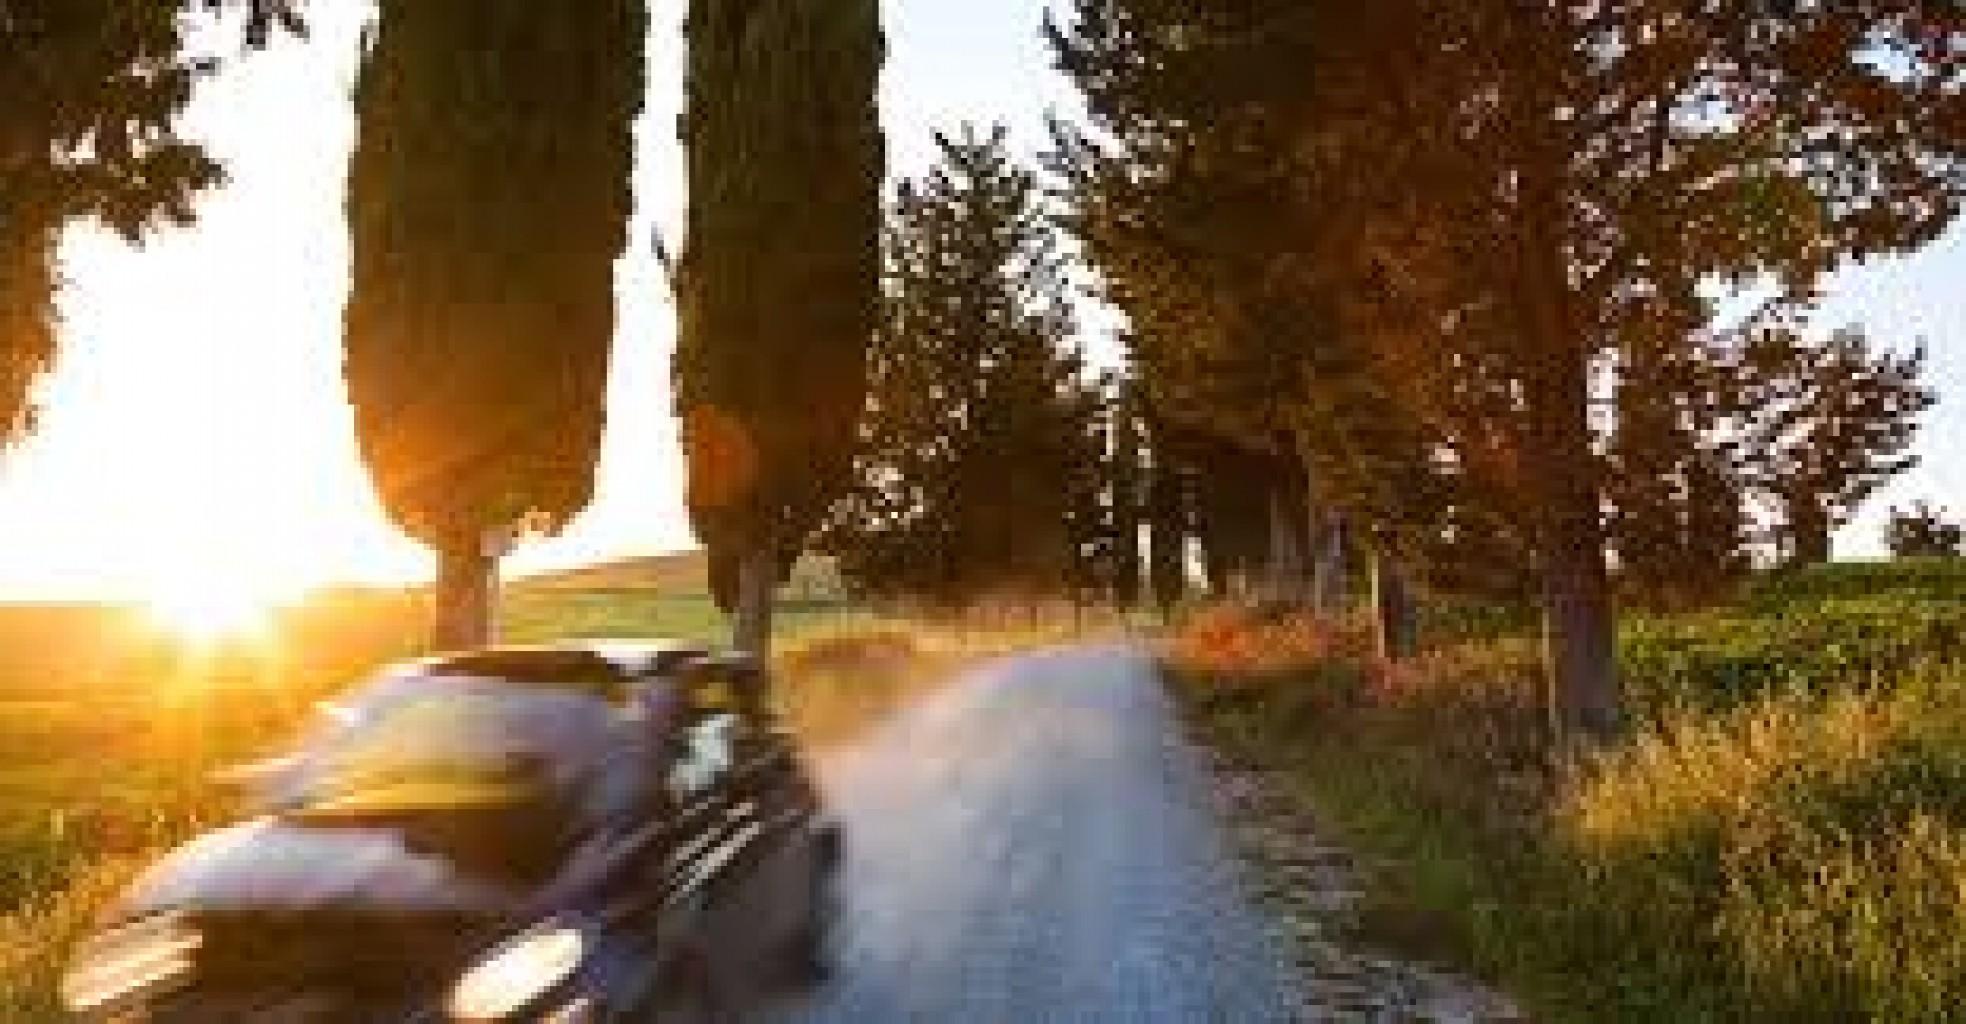 Cuales son los automóviles que los  propietarios mantienen por más tiempo